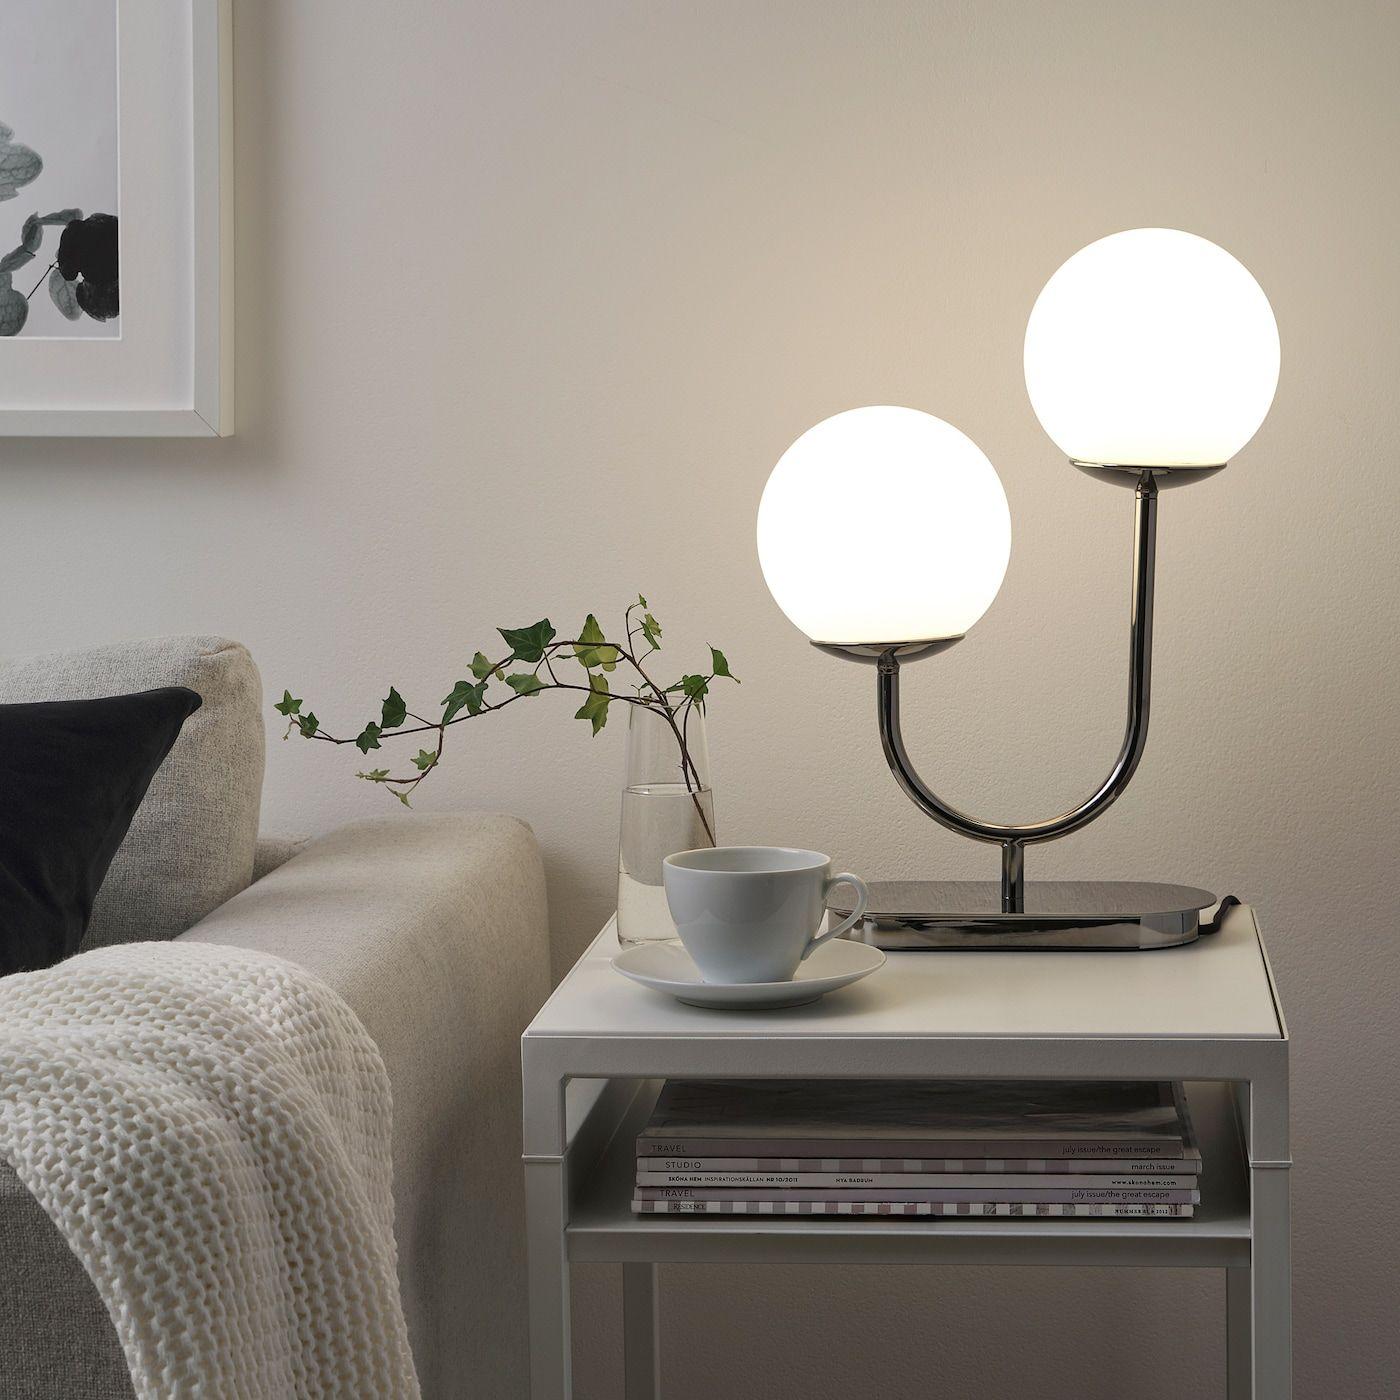 Simrishamn Tischleuchte Verchromt Opalweiss Glas Ikea Osterreich In 2020 Moderne Beleuchtung Ikea Lampen Tischleuchte